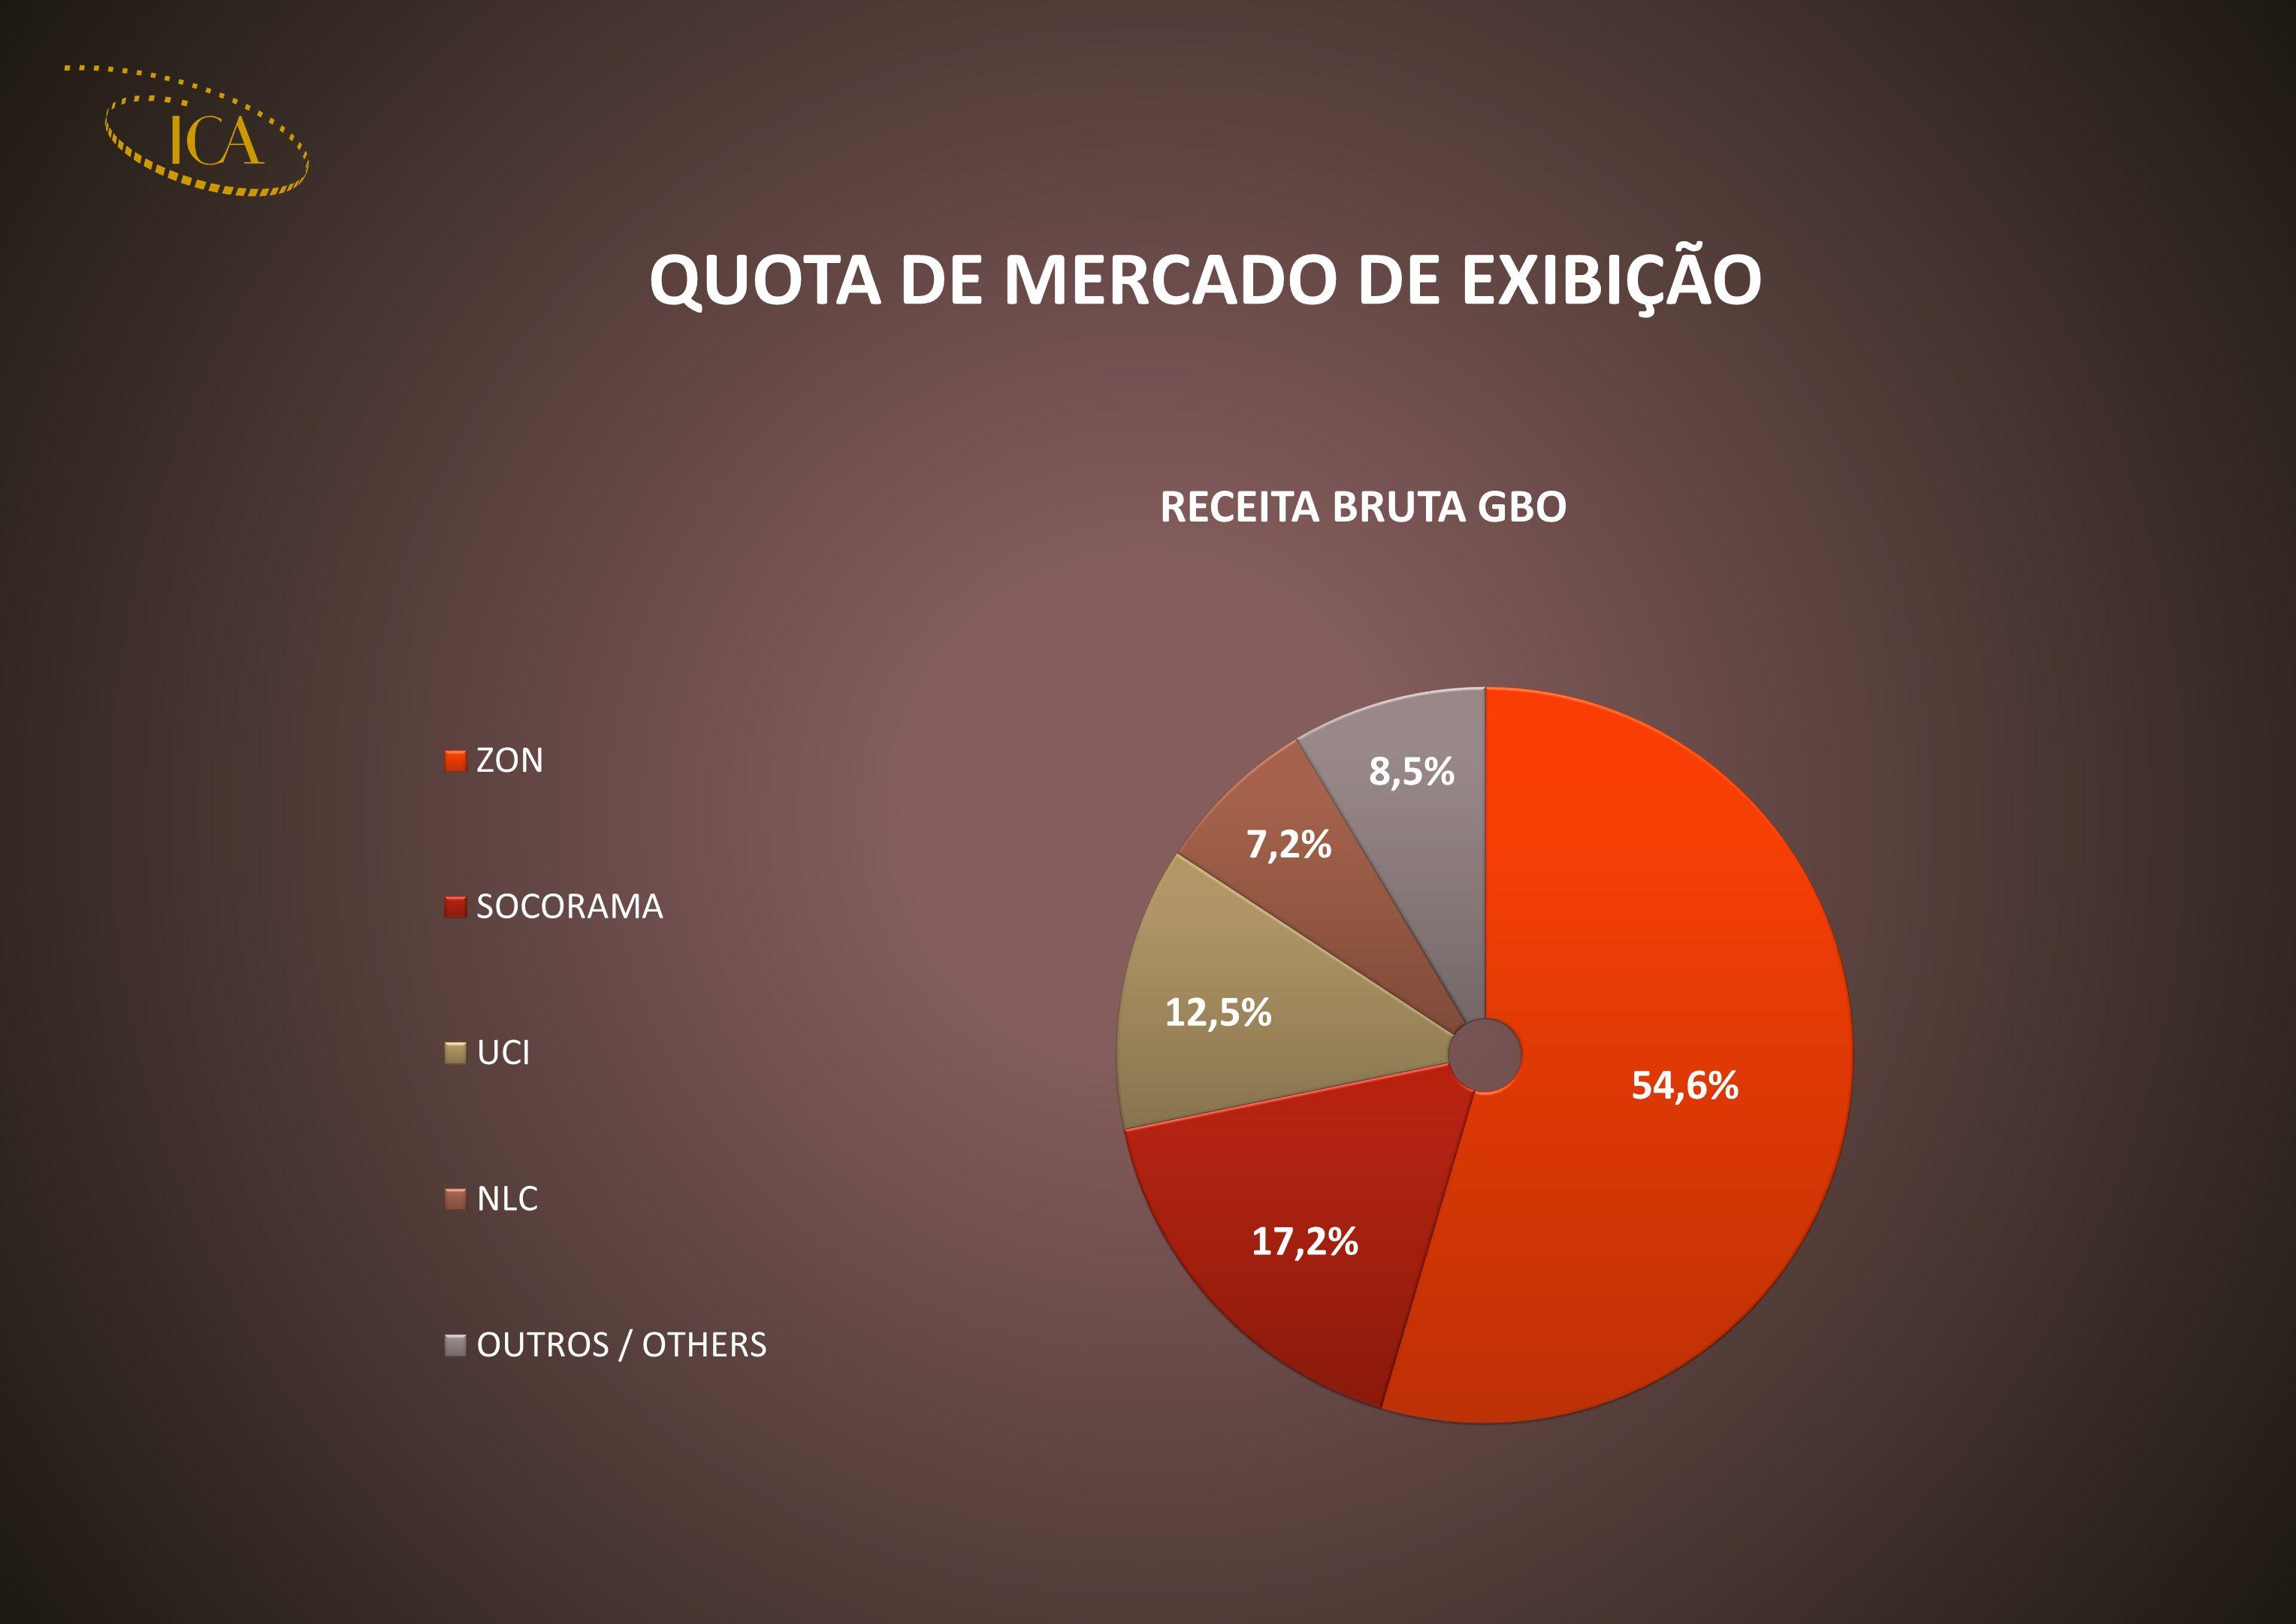 QUOTA DE MERCADO DE EXIBIÇÃO